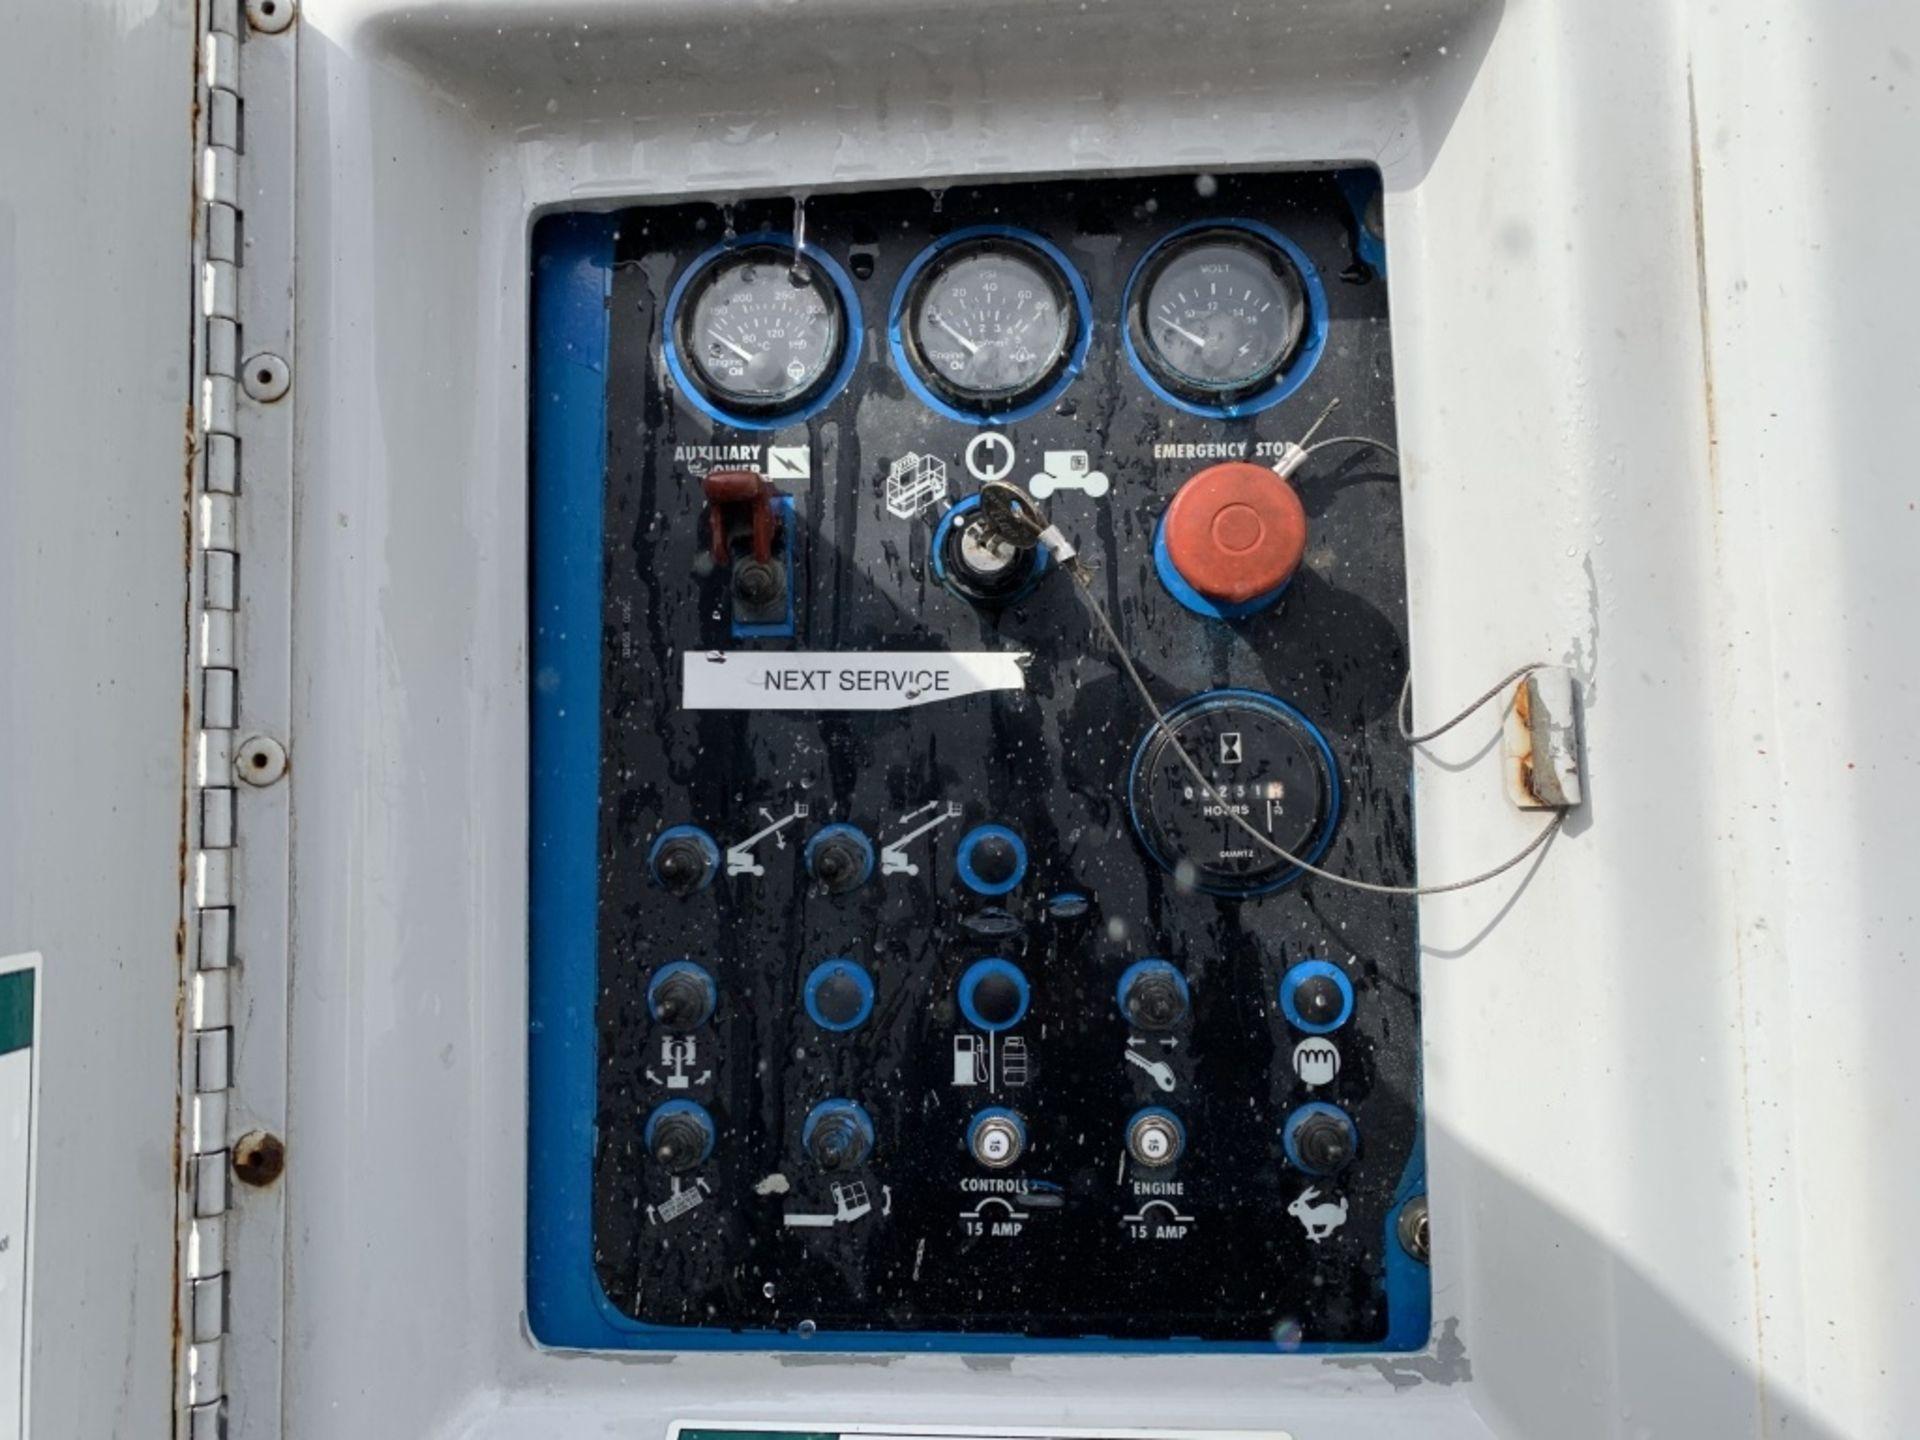 Lot 53 - 1996 Genie S-40 4x4 Boom Lift